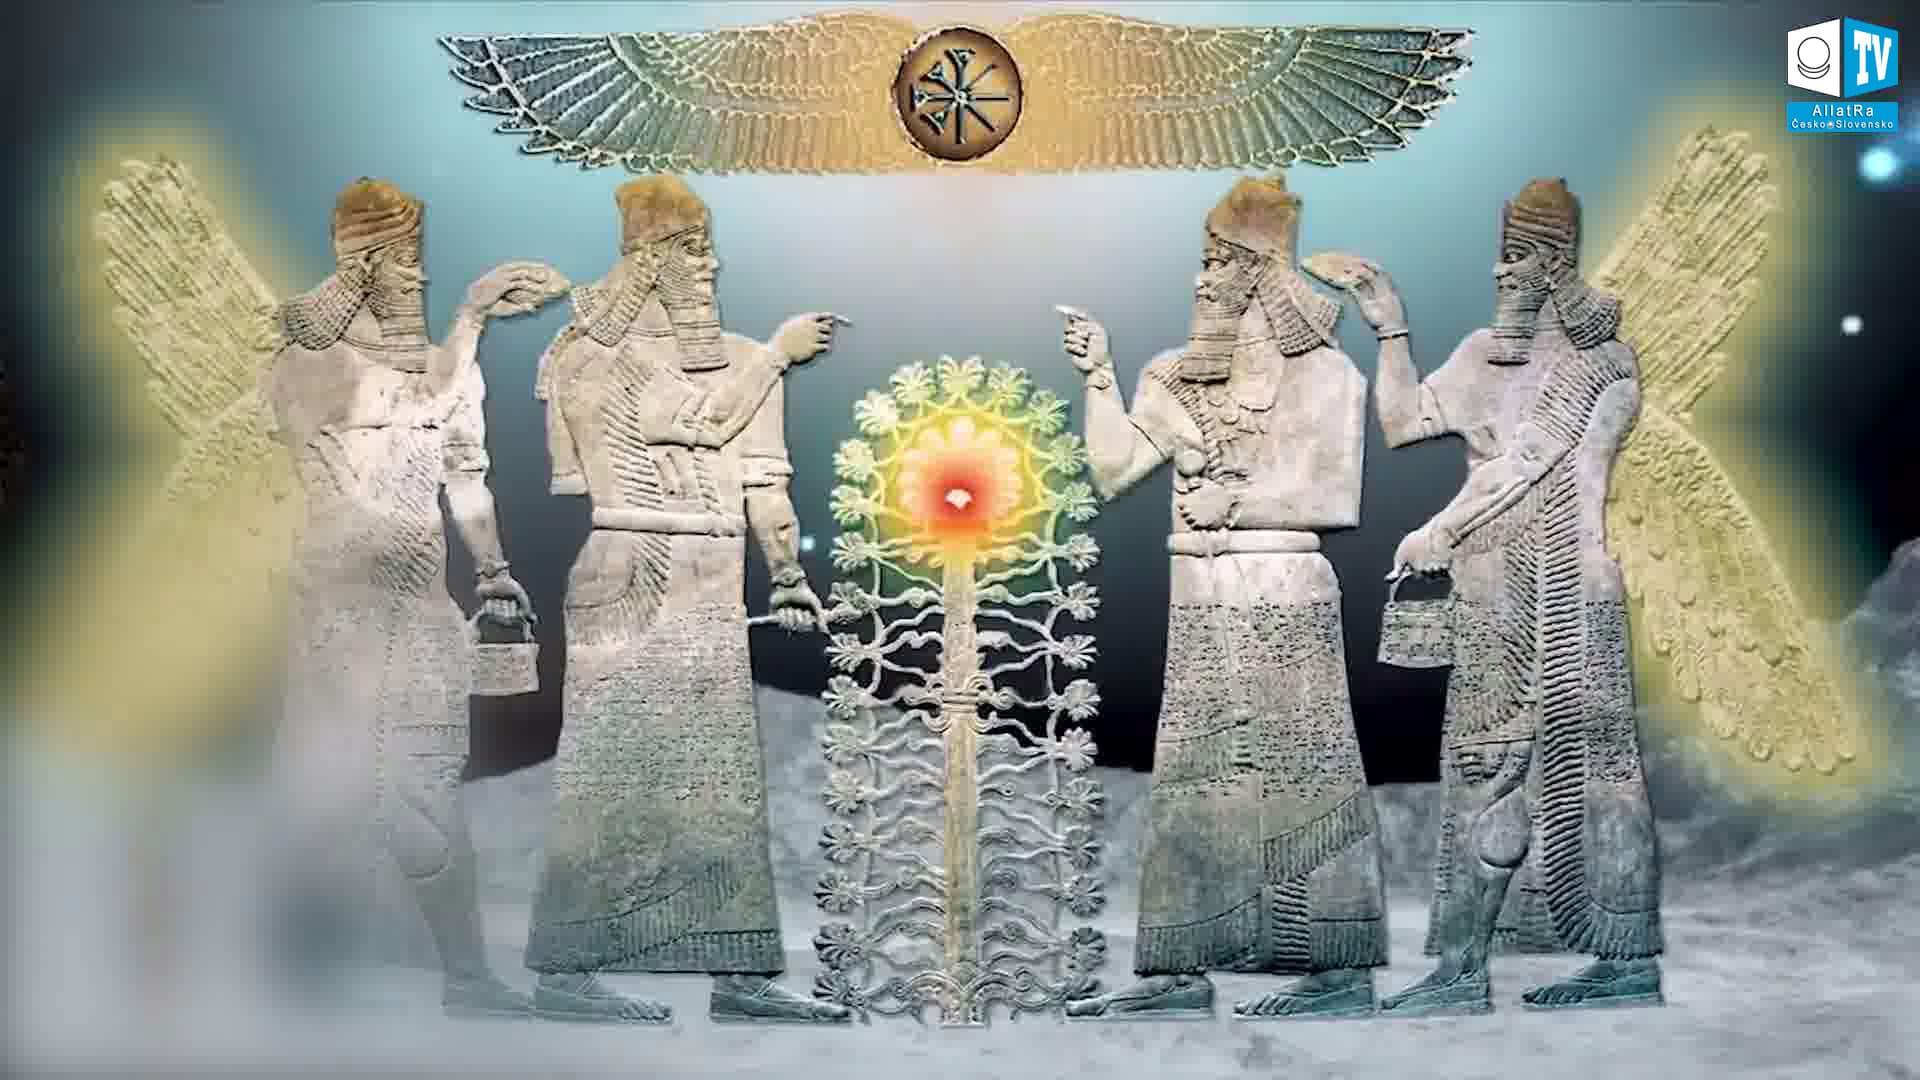 bůh Enlil (akkadsky Ellil). Foto